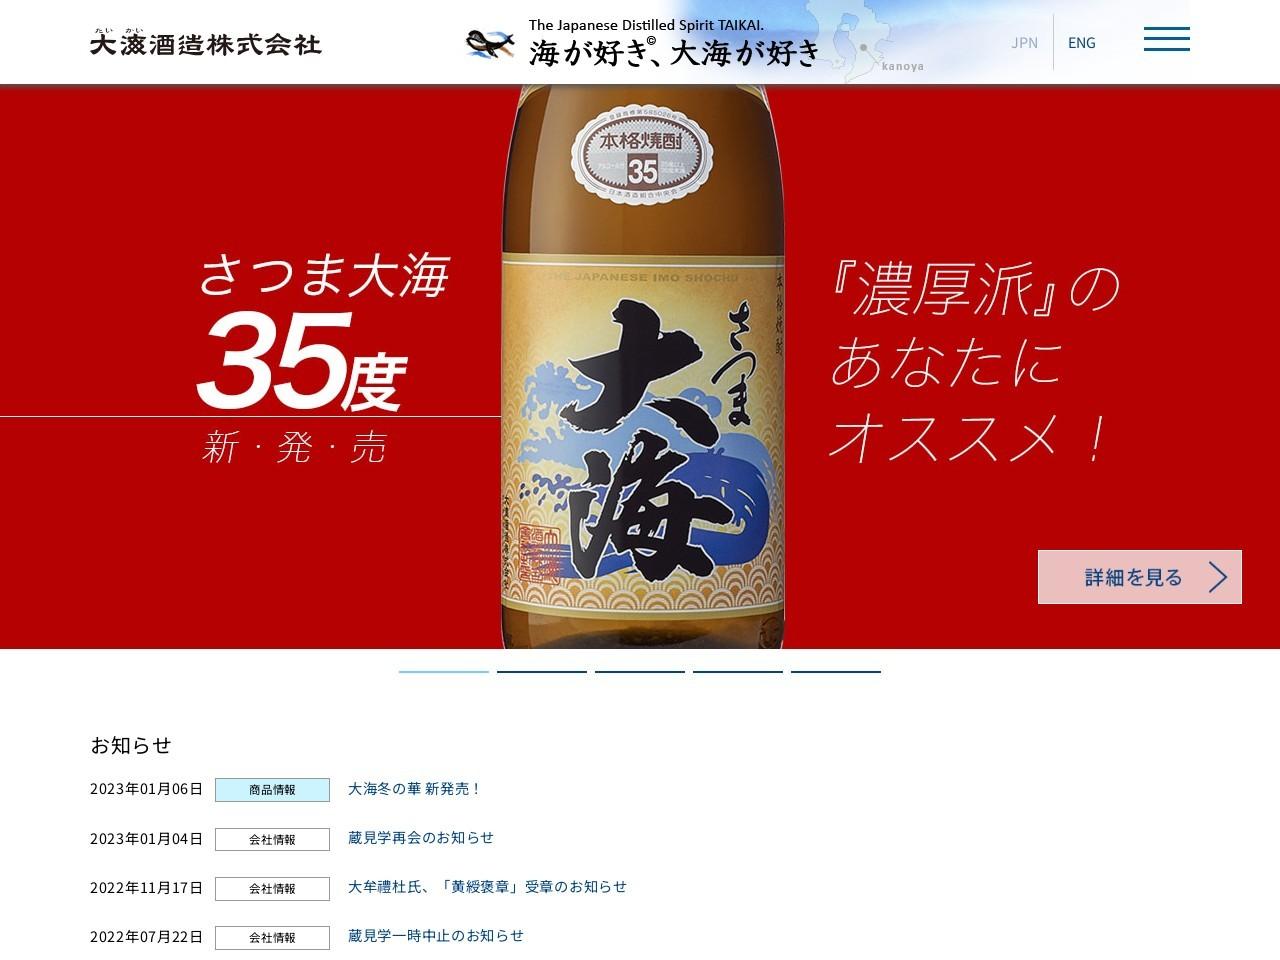 鹿児島の芋焼酎蔵|大海酒造株式会社|海が好き、大海が好き|